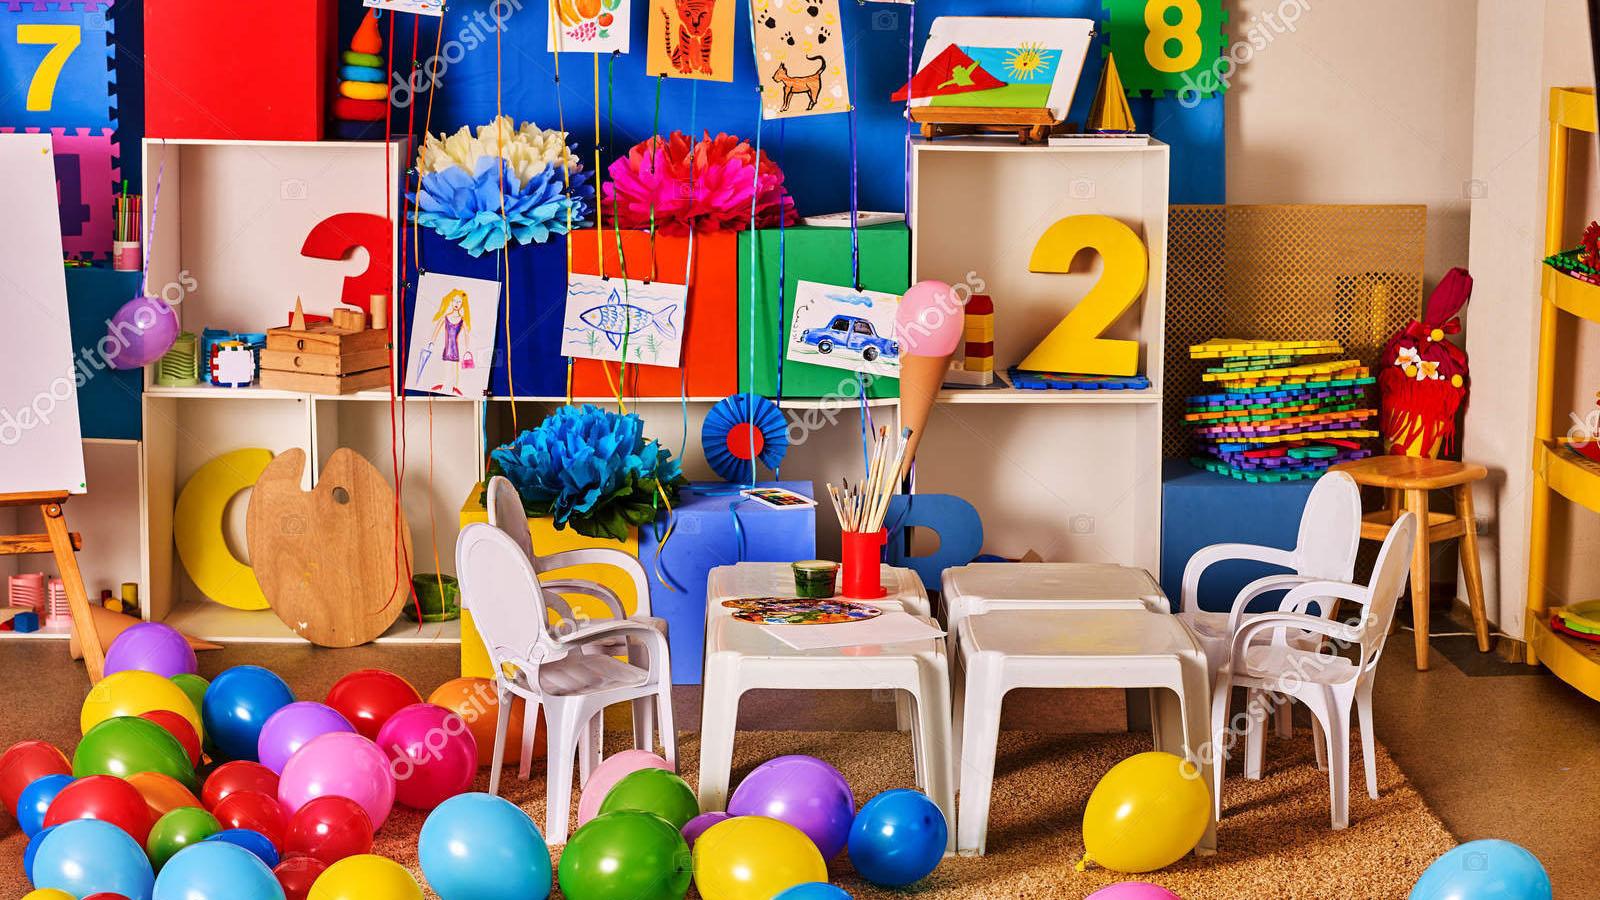 15 ایده جهت ایجاد فضایی شاد در اتاق کودکان